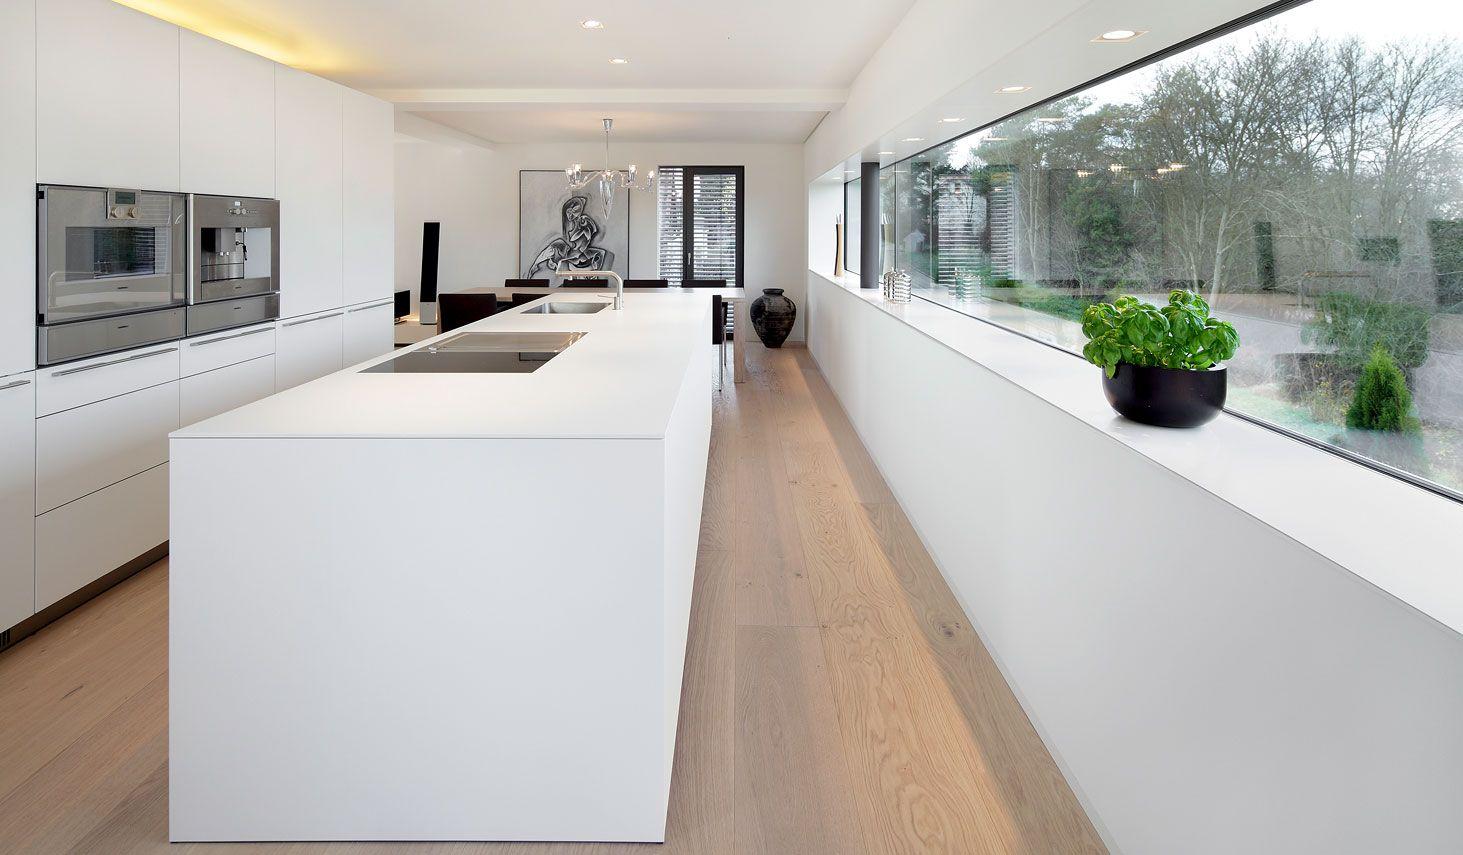 Umbau WH S 21   Küchendesign modern, Luxus küche design ...